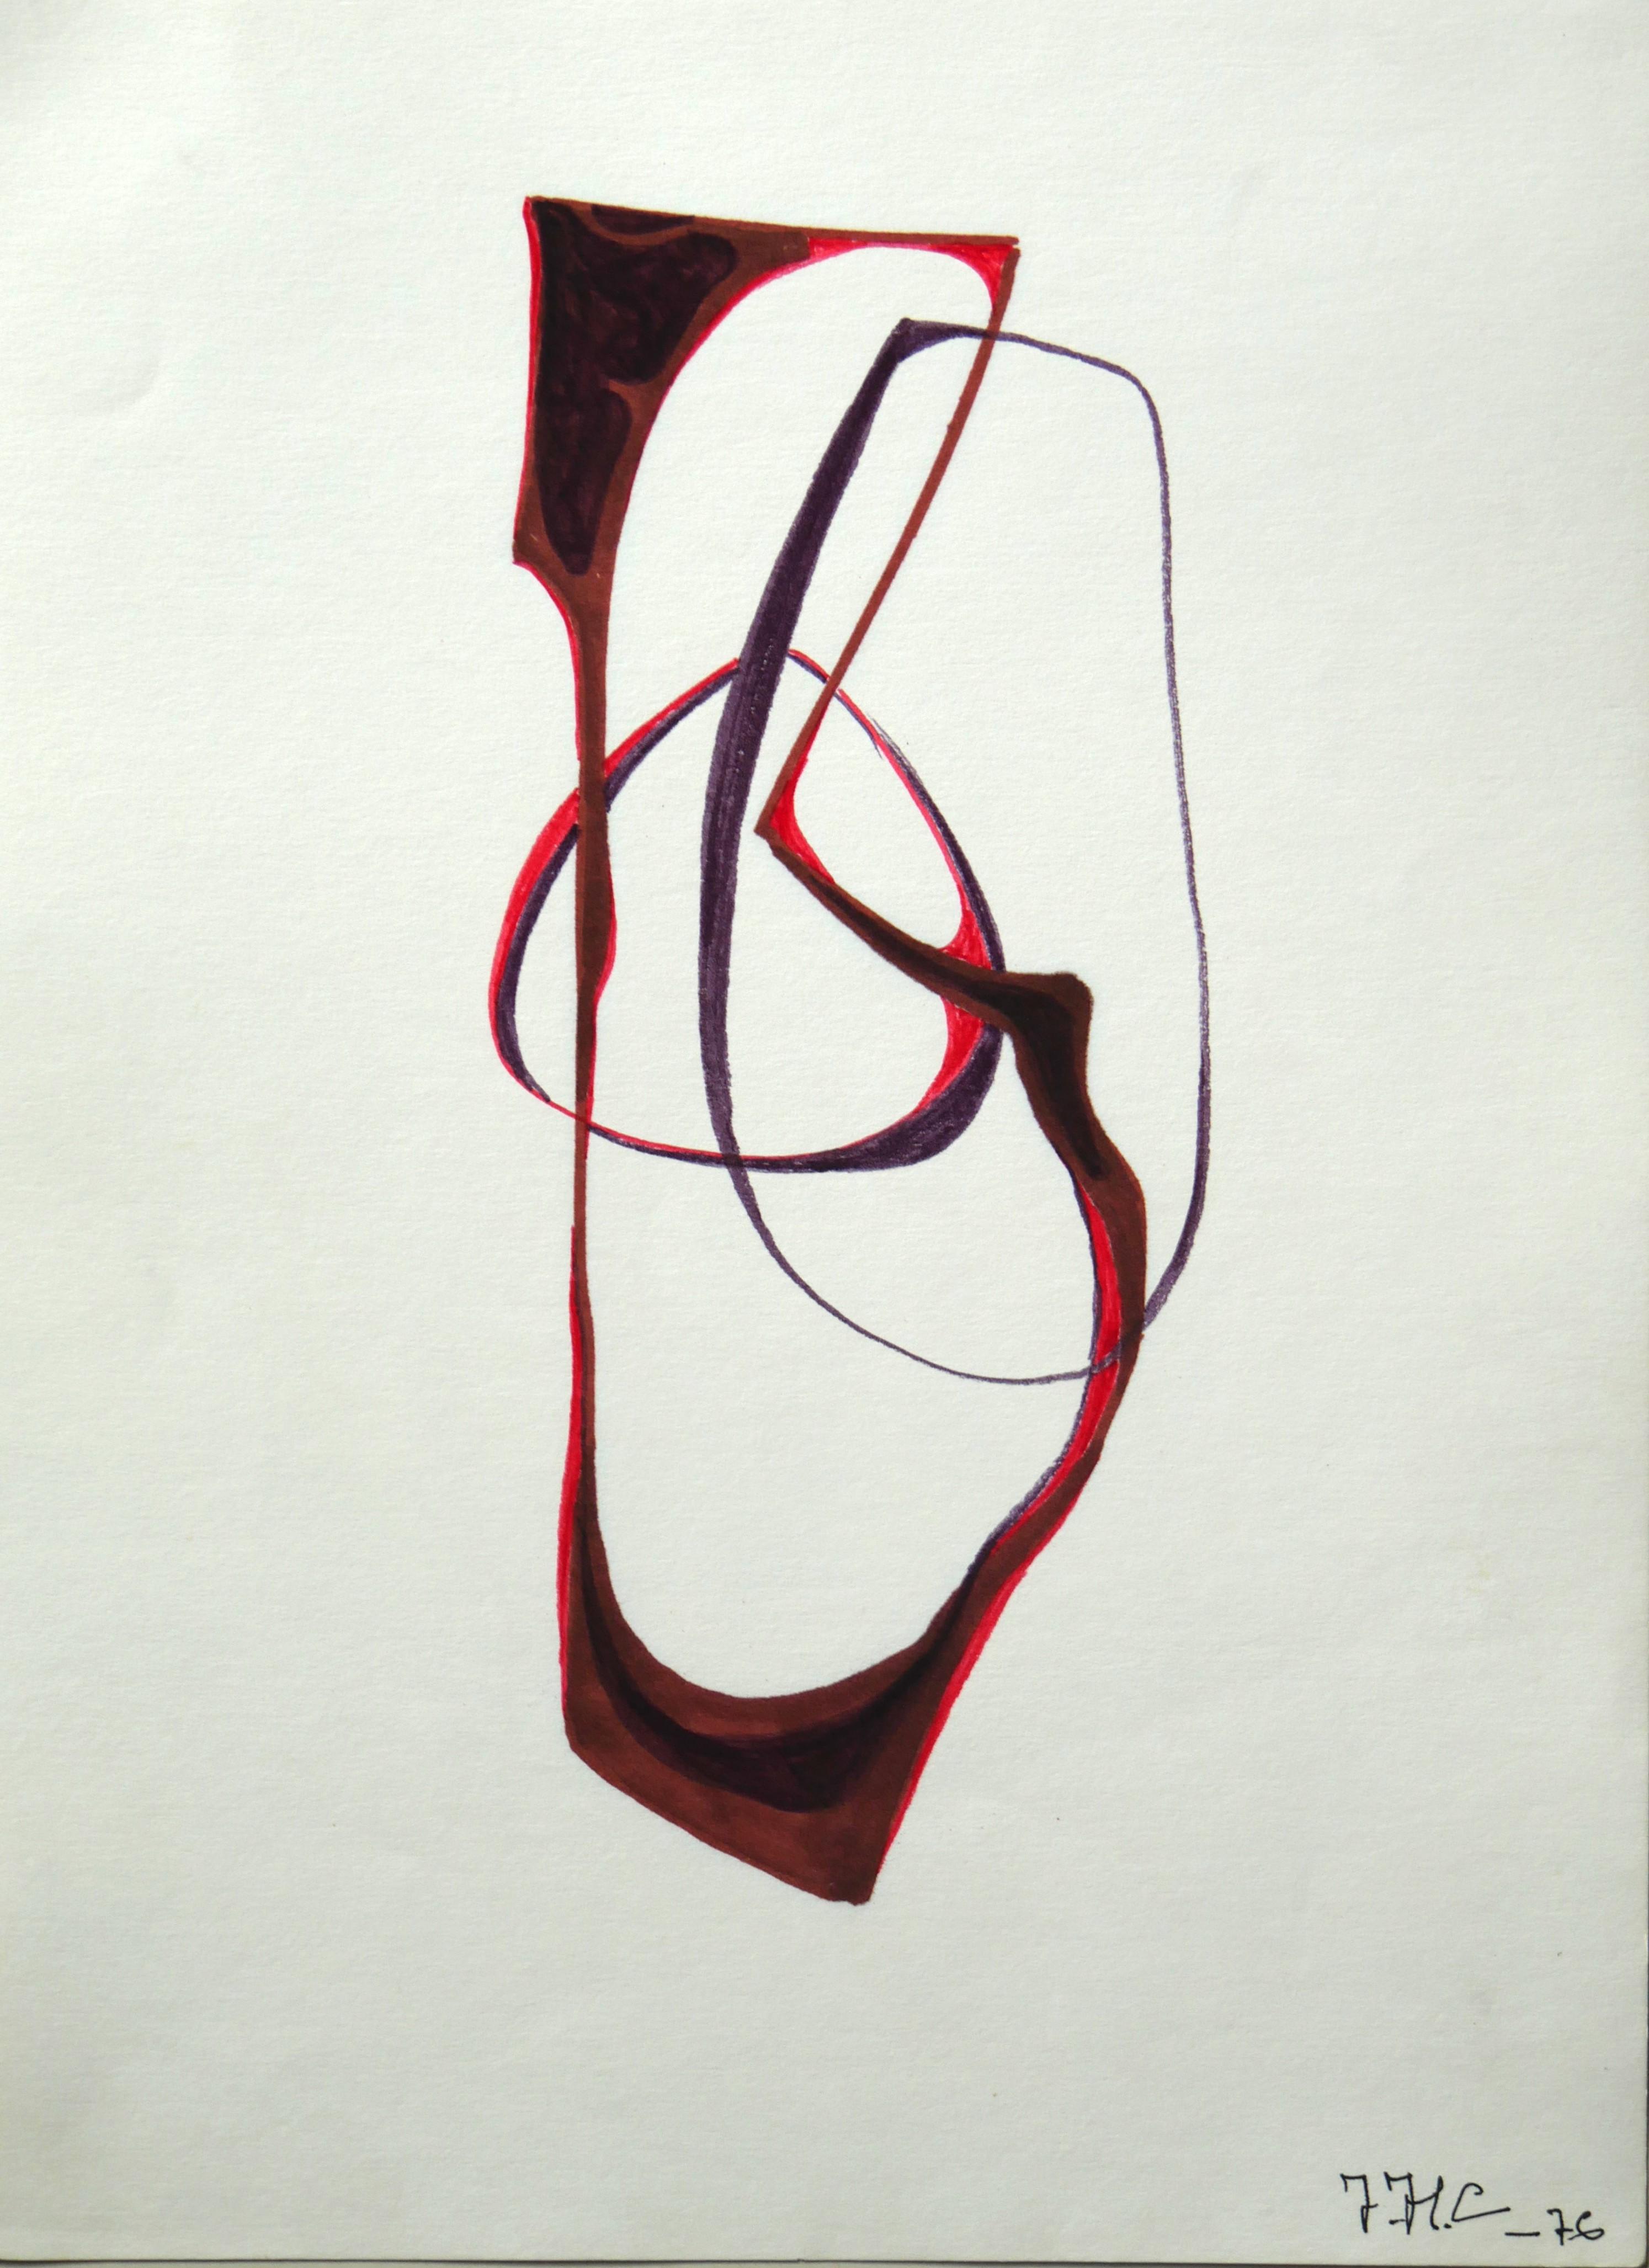 1976.11. Forma abstracta. 34x24,5 cms. Flomaster , negro, bermallón, marrón, sobre papel. 1976